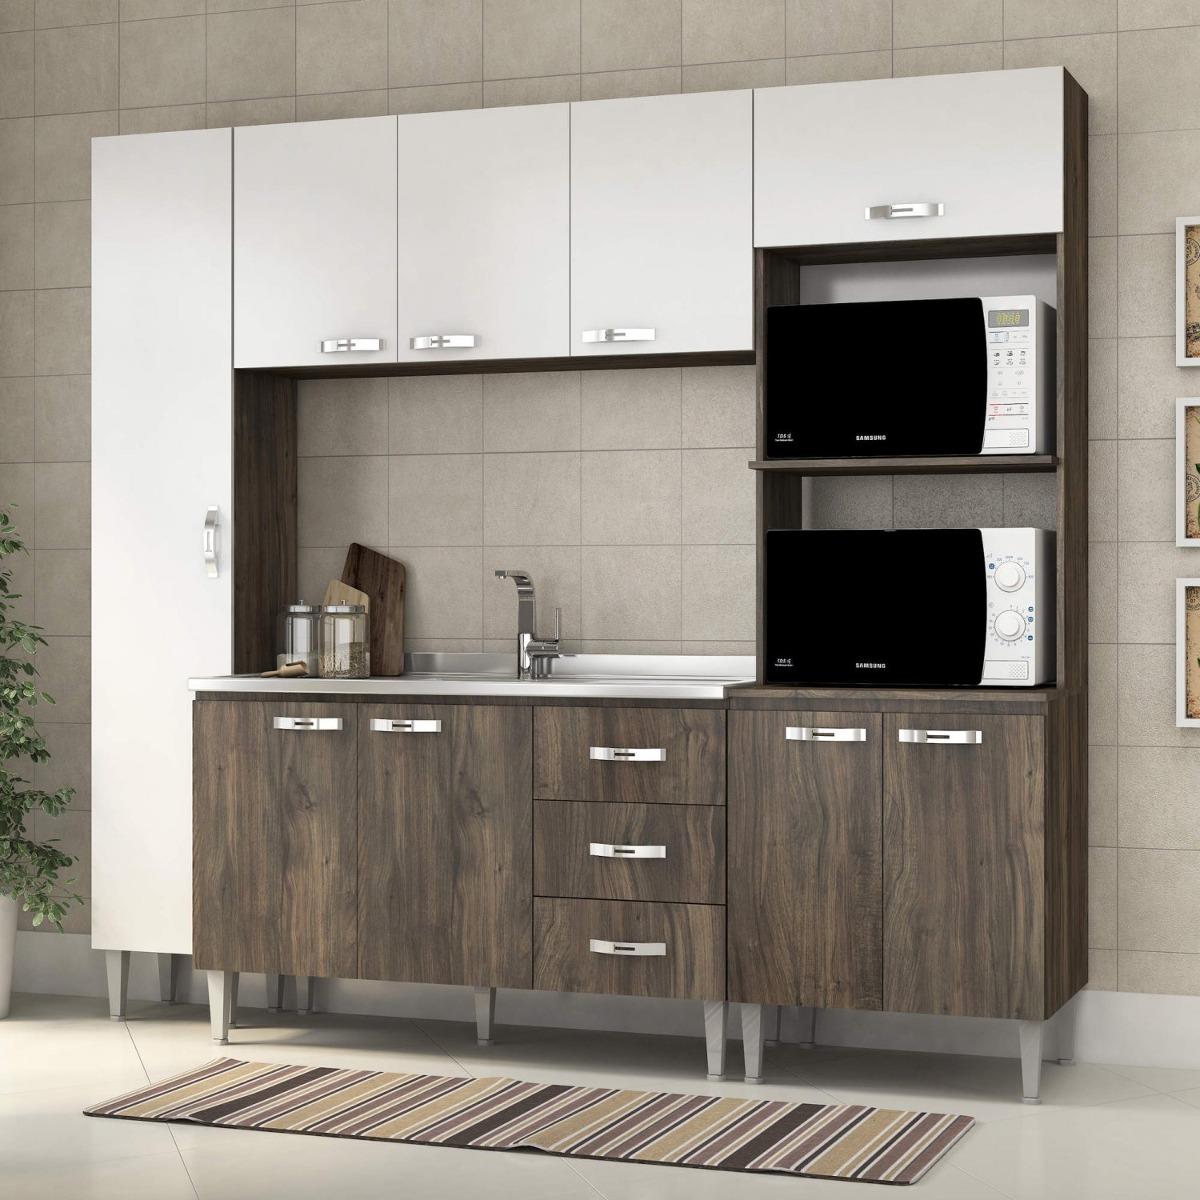 Cozinha Completa Com Balc O Sem Pia 4 Pe As 9 Portas Eiwt R 767